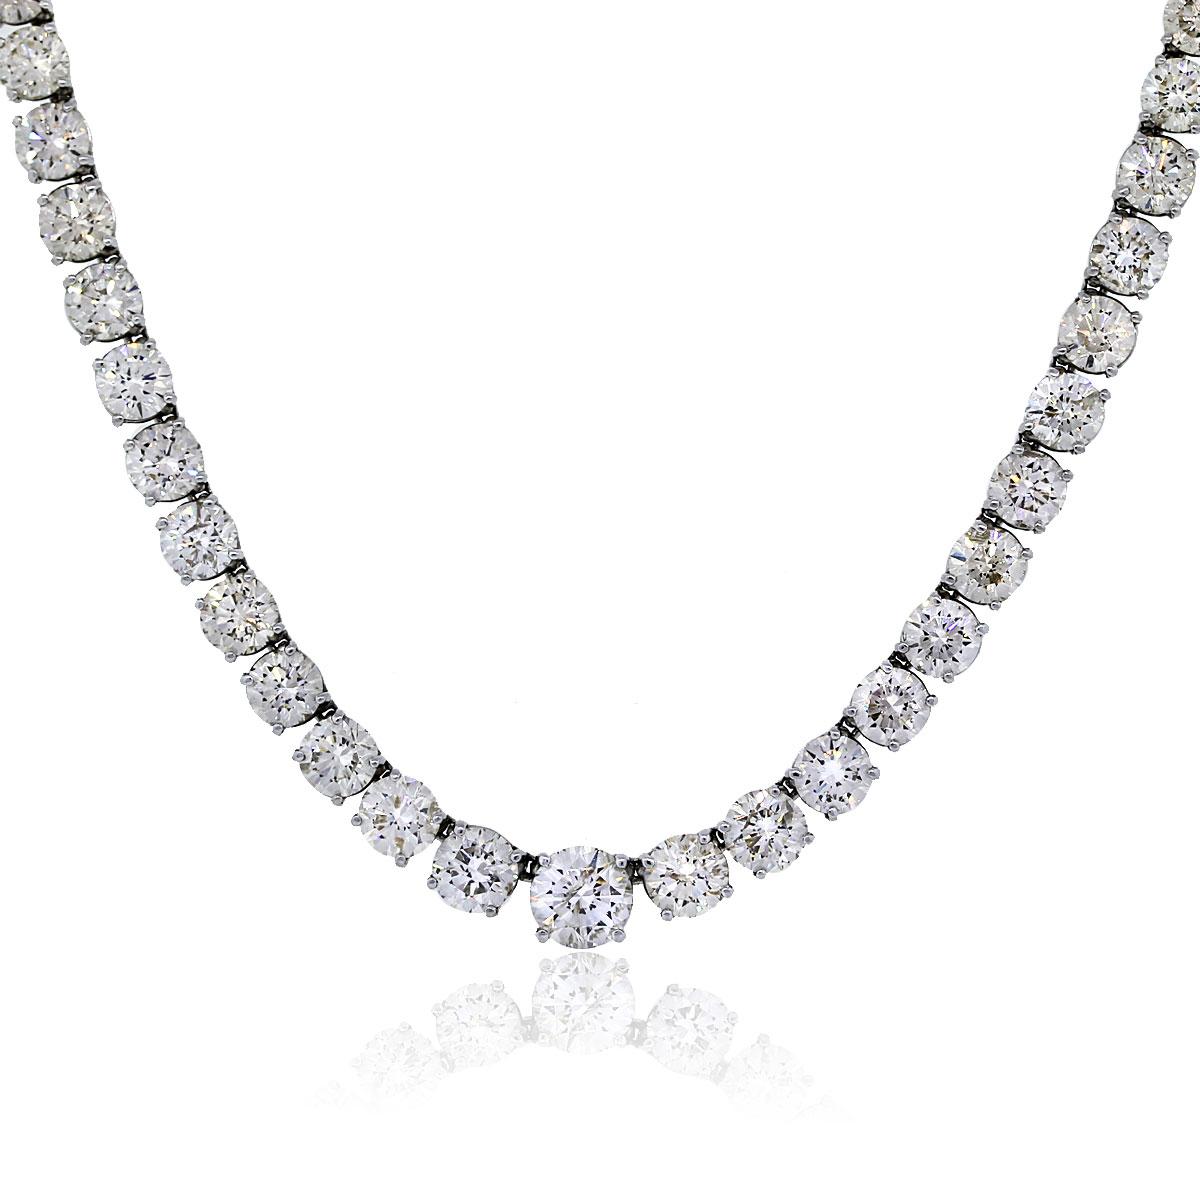 Platinum 5001Ctw Round Diamond Tennis Necklace Boca Raton